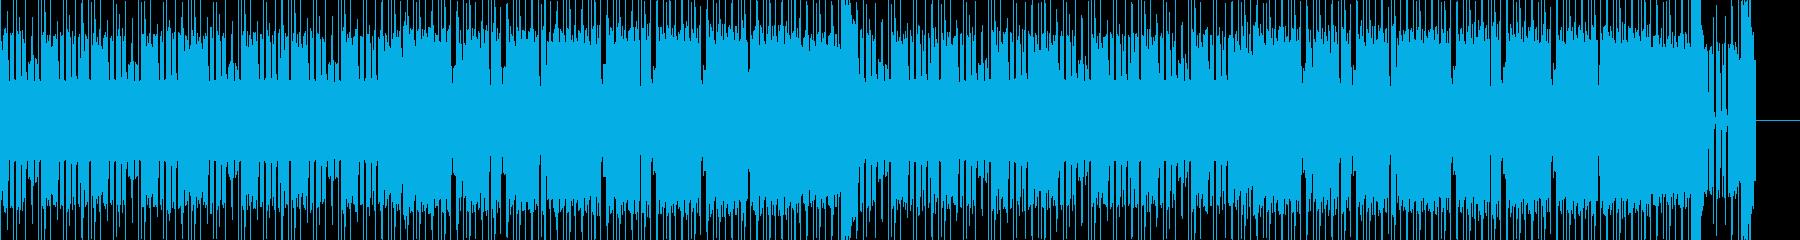 本格的ファミコン 軽快なポップスの再生済みの波形